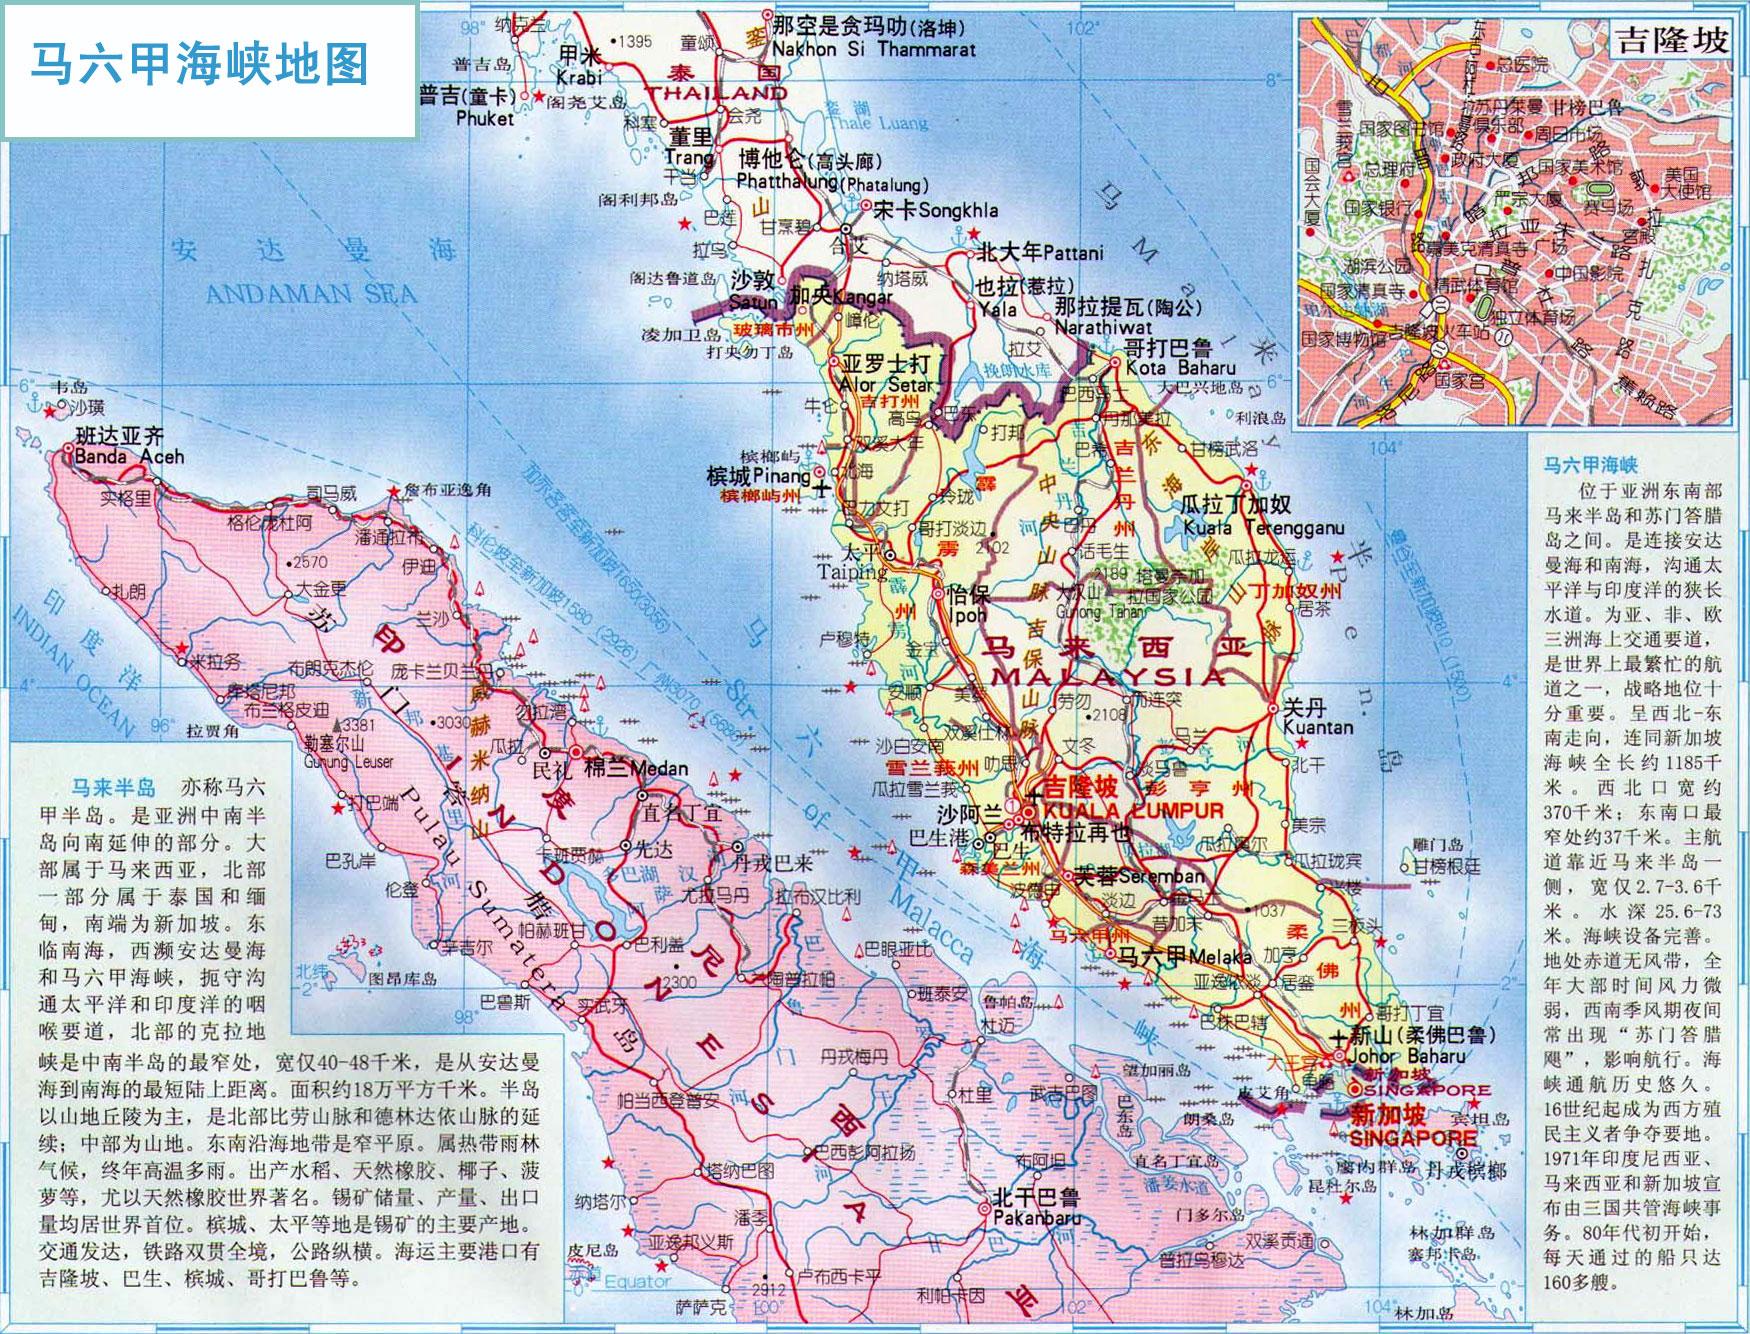 马六甲海峡地图